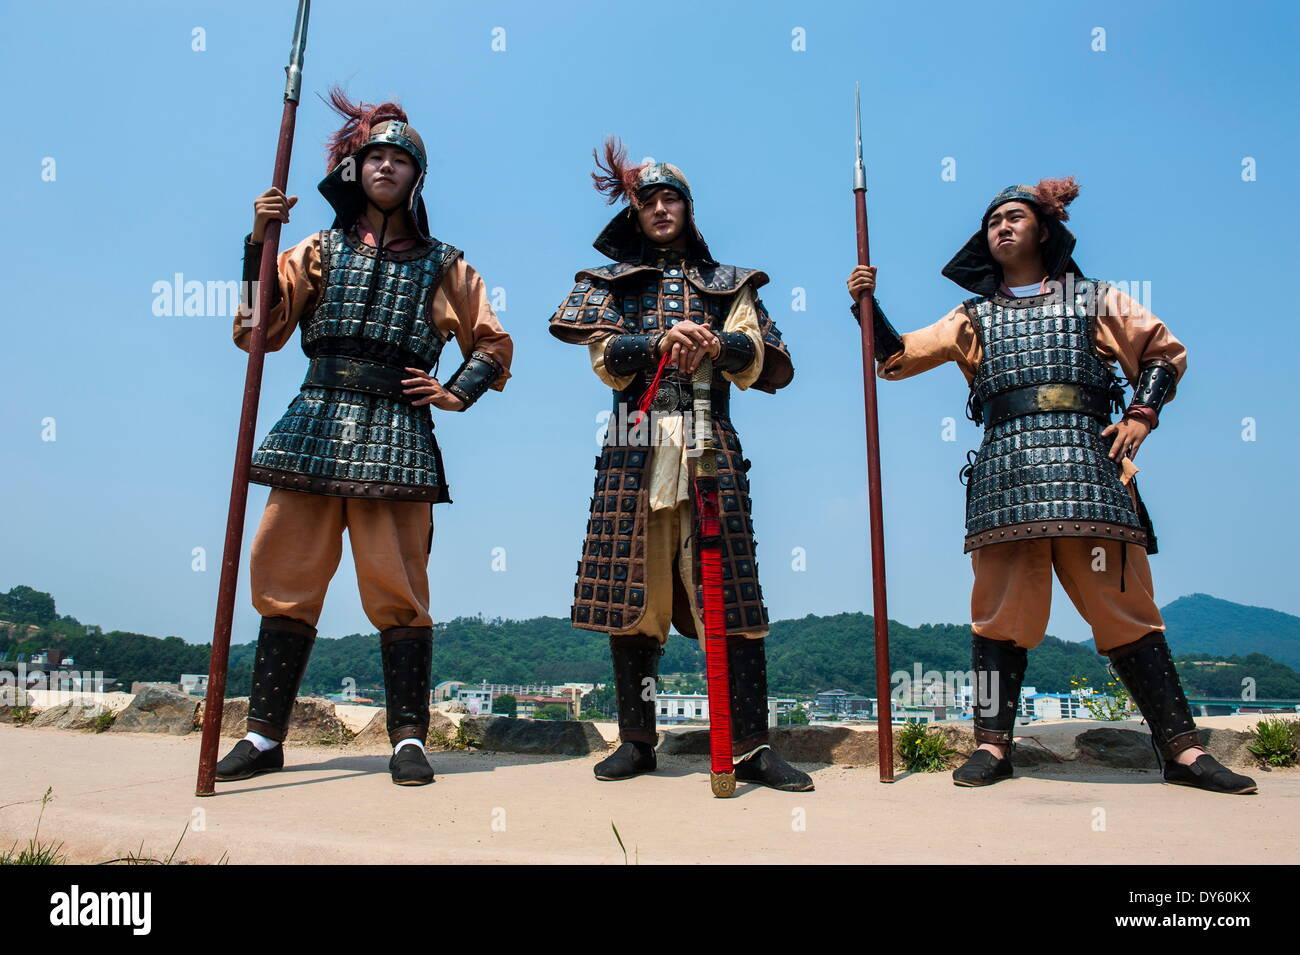 Garde à la cérémonie de la relève de la garde, Château Gongsanseong, Gongju, la province de Chungcheong du Sud, en Corée du Sud Photo Stock